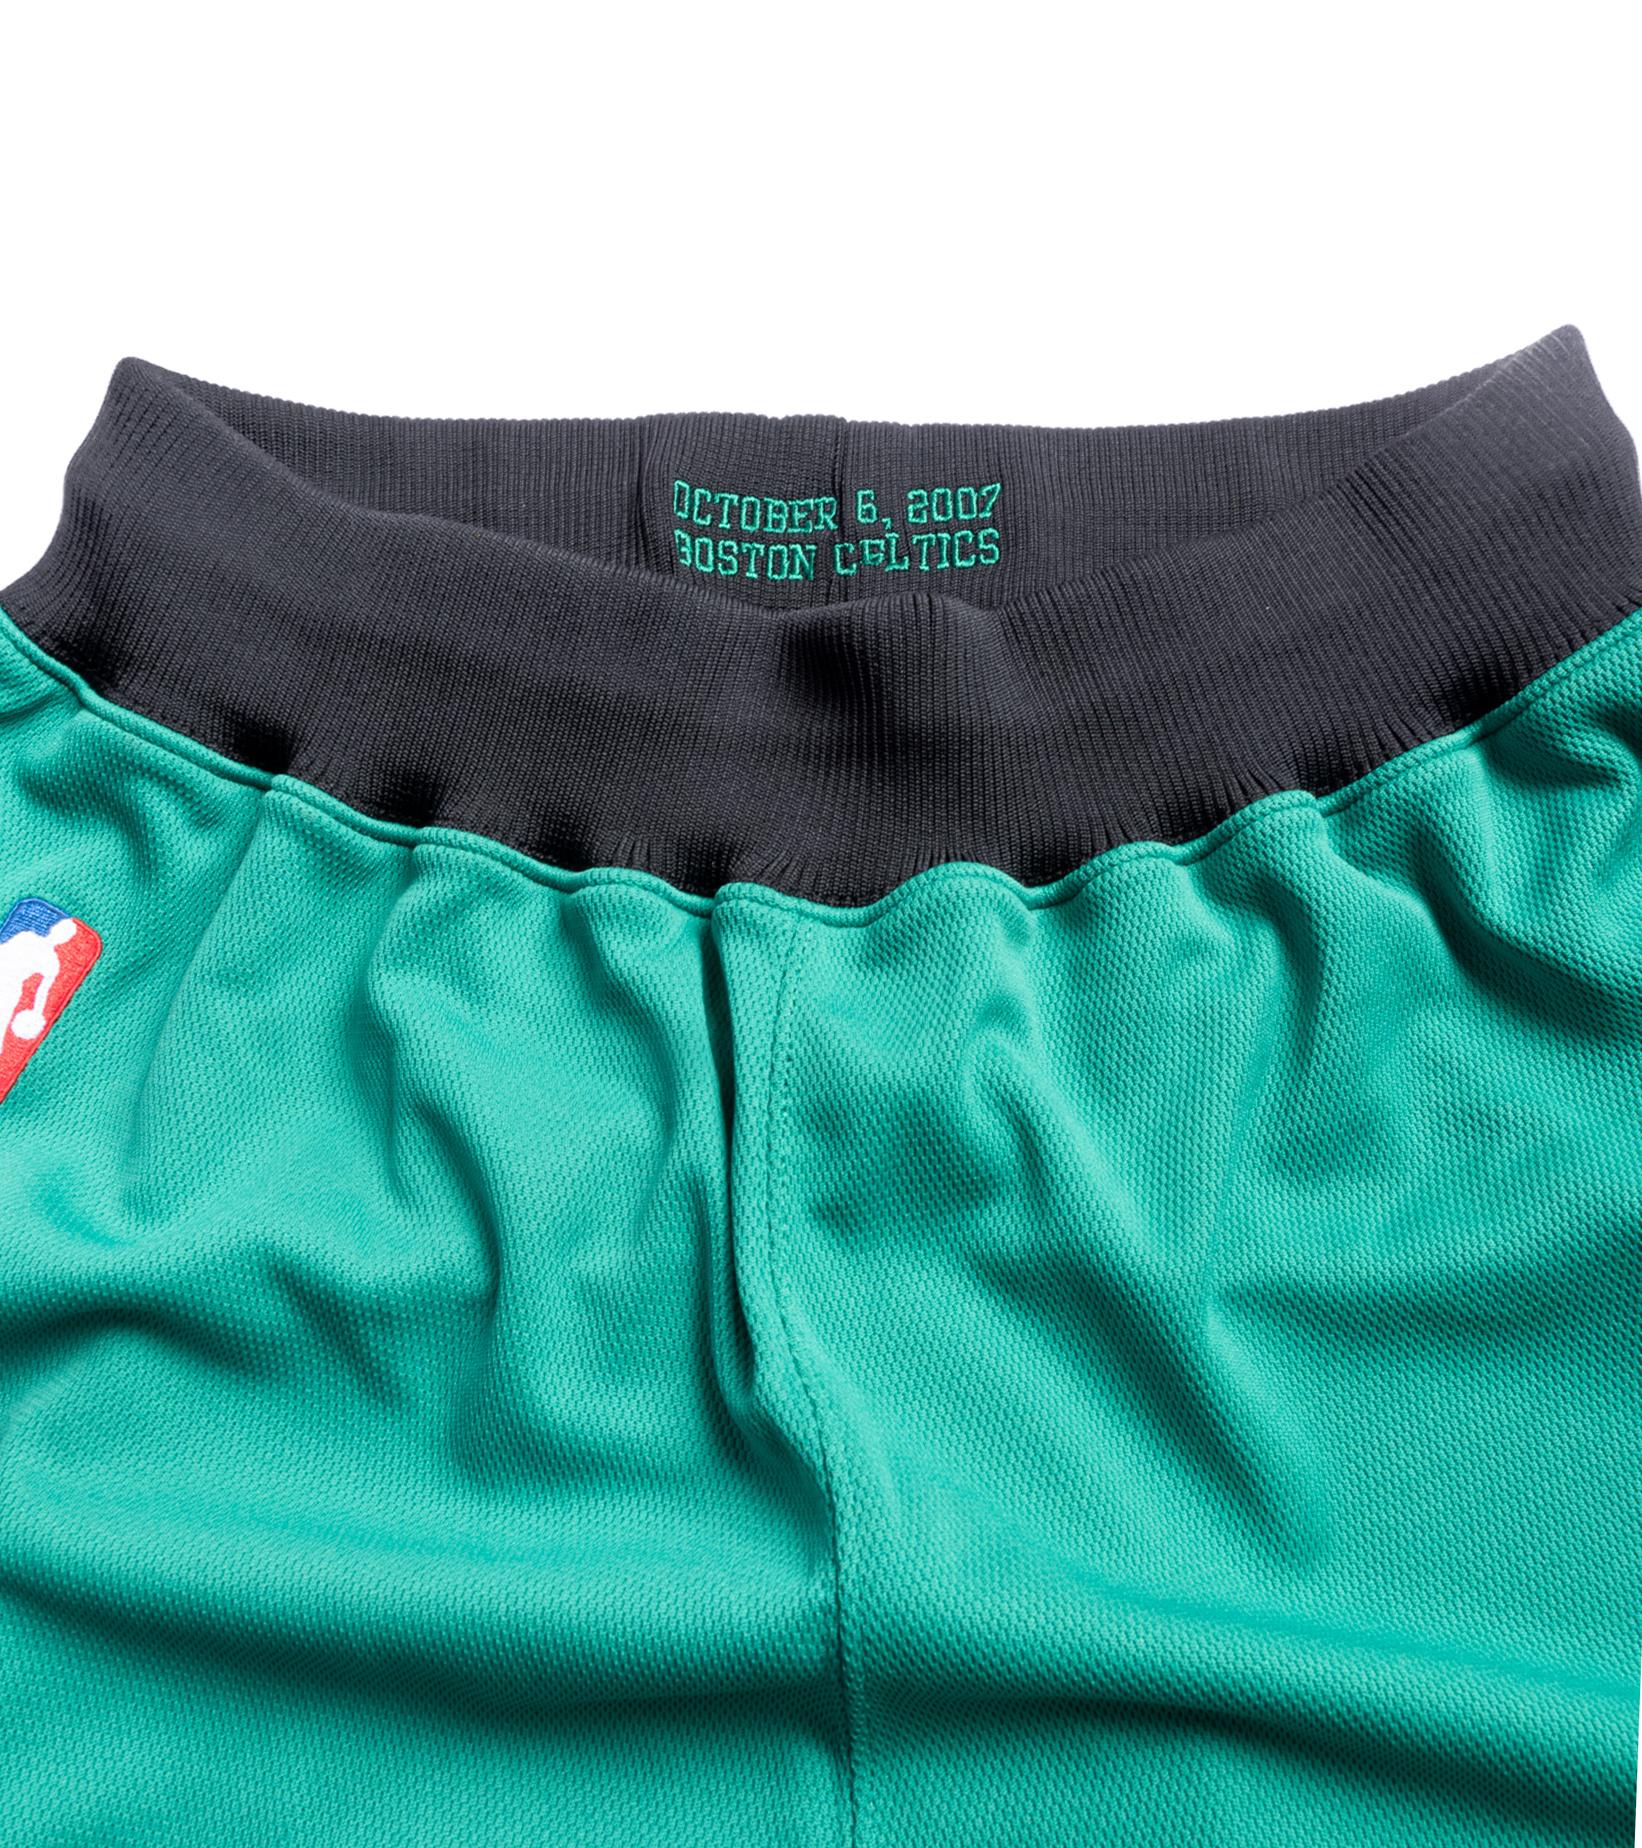 """Boston Celtics '07-'08 Authentic Italy Short """"Kelly Green""""-2"""